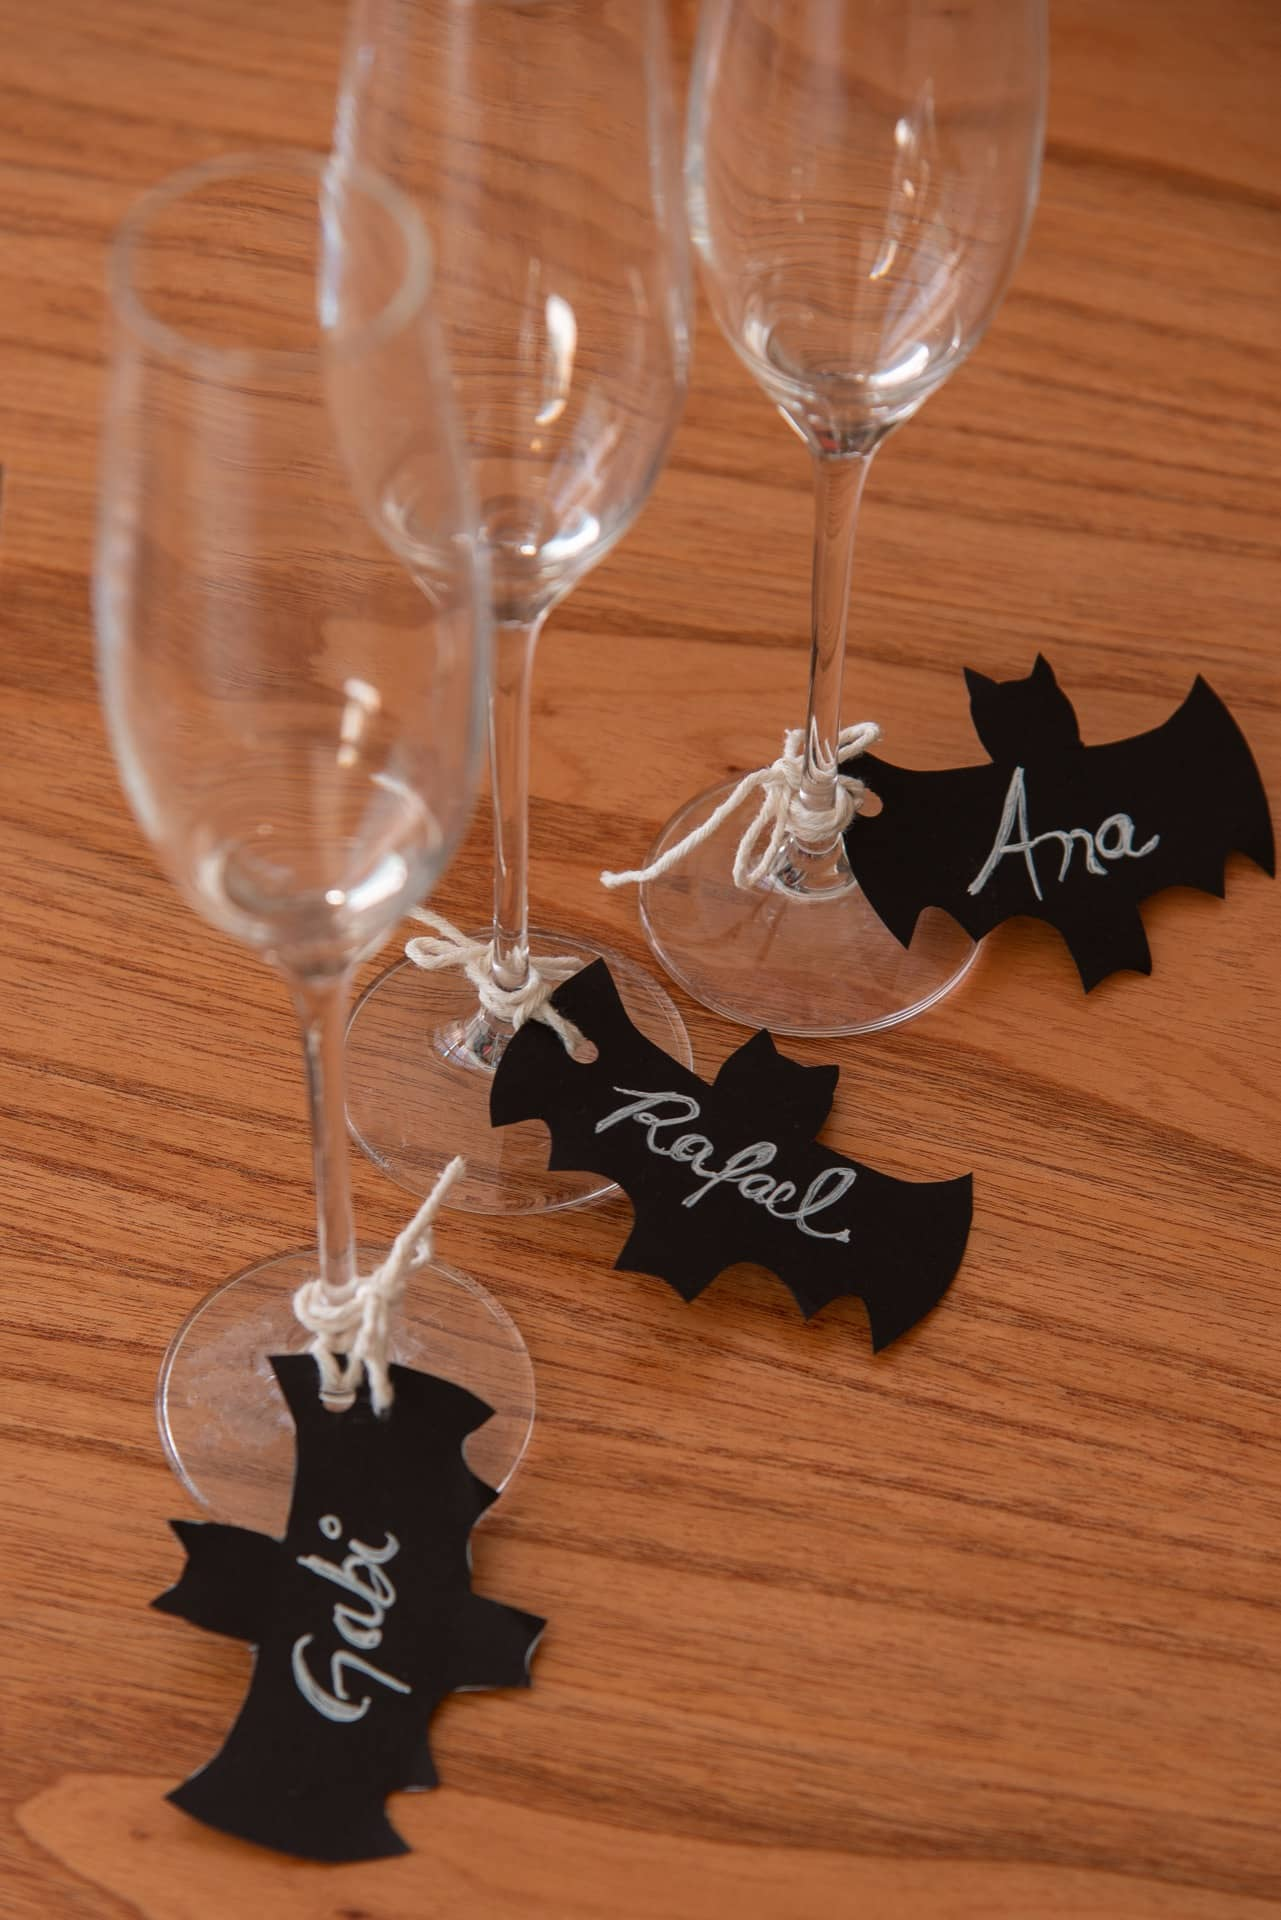 Imagem: Passo 6: agora é só amarrar os marcadores de taças nos copos, e partir para o brinde! As taças de espumante são da Oxford Alumina Crystal. Foto: Cacá Bratke